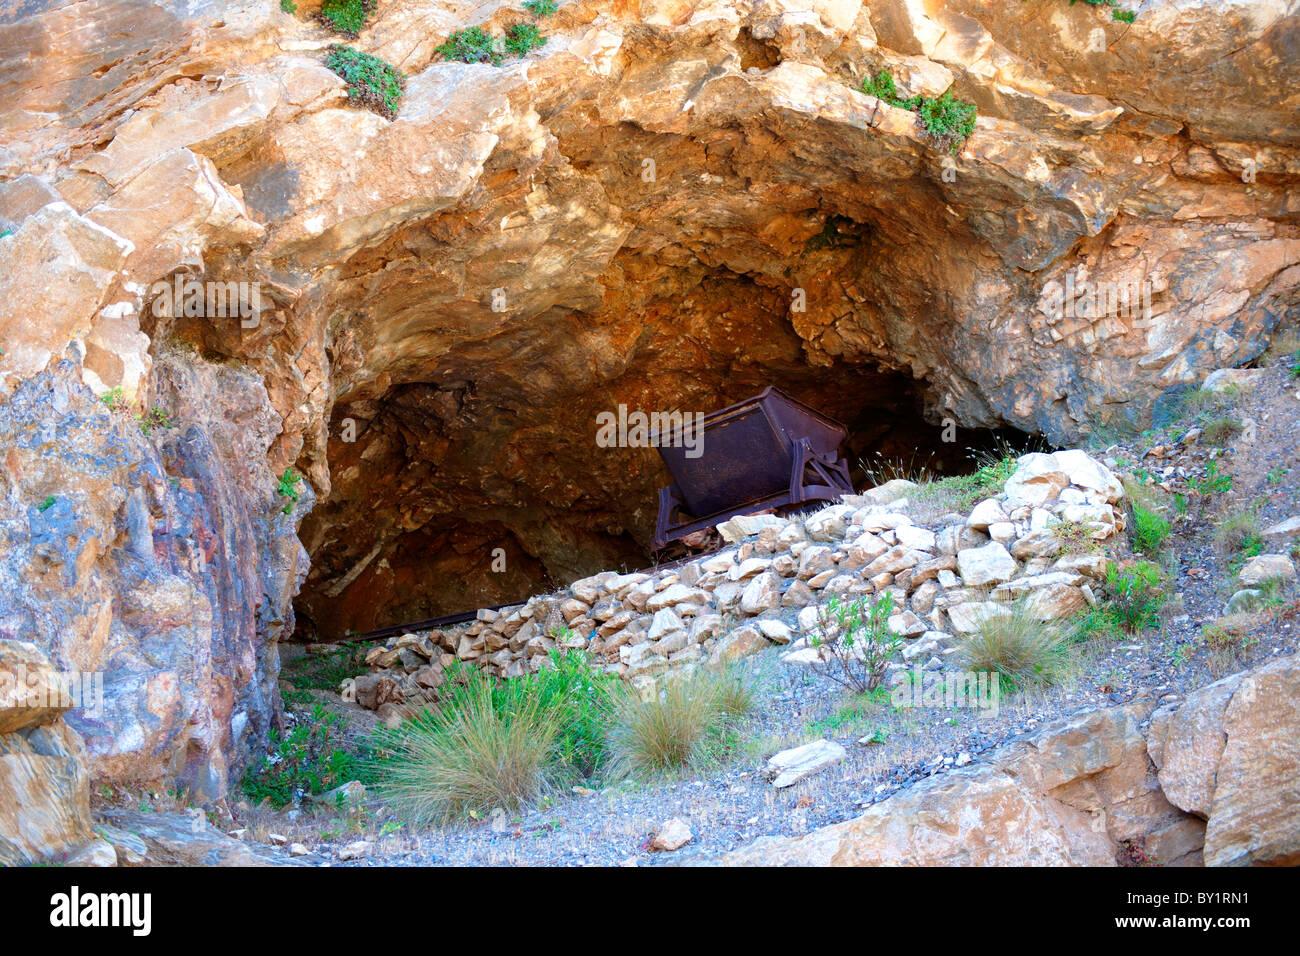 Old Emery mine on Naxos, Greek Cyclades Islands - Stock Image